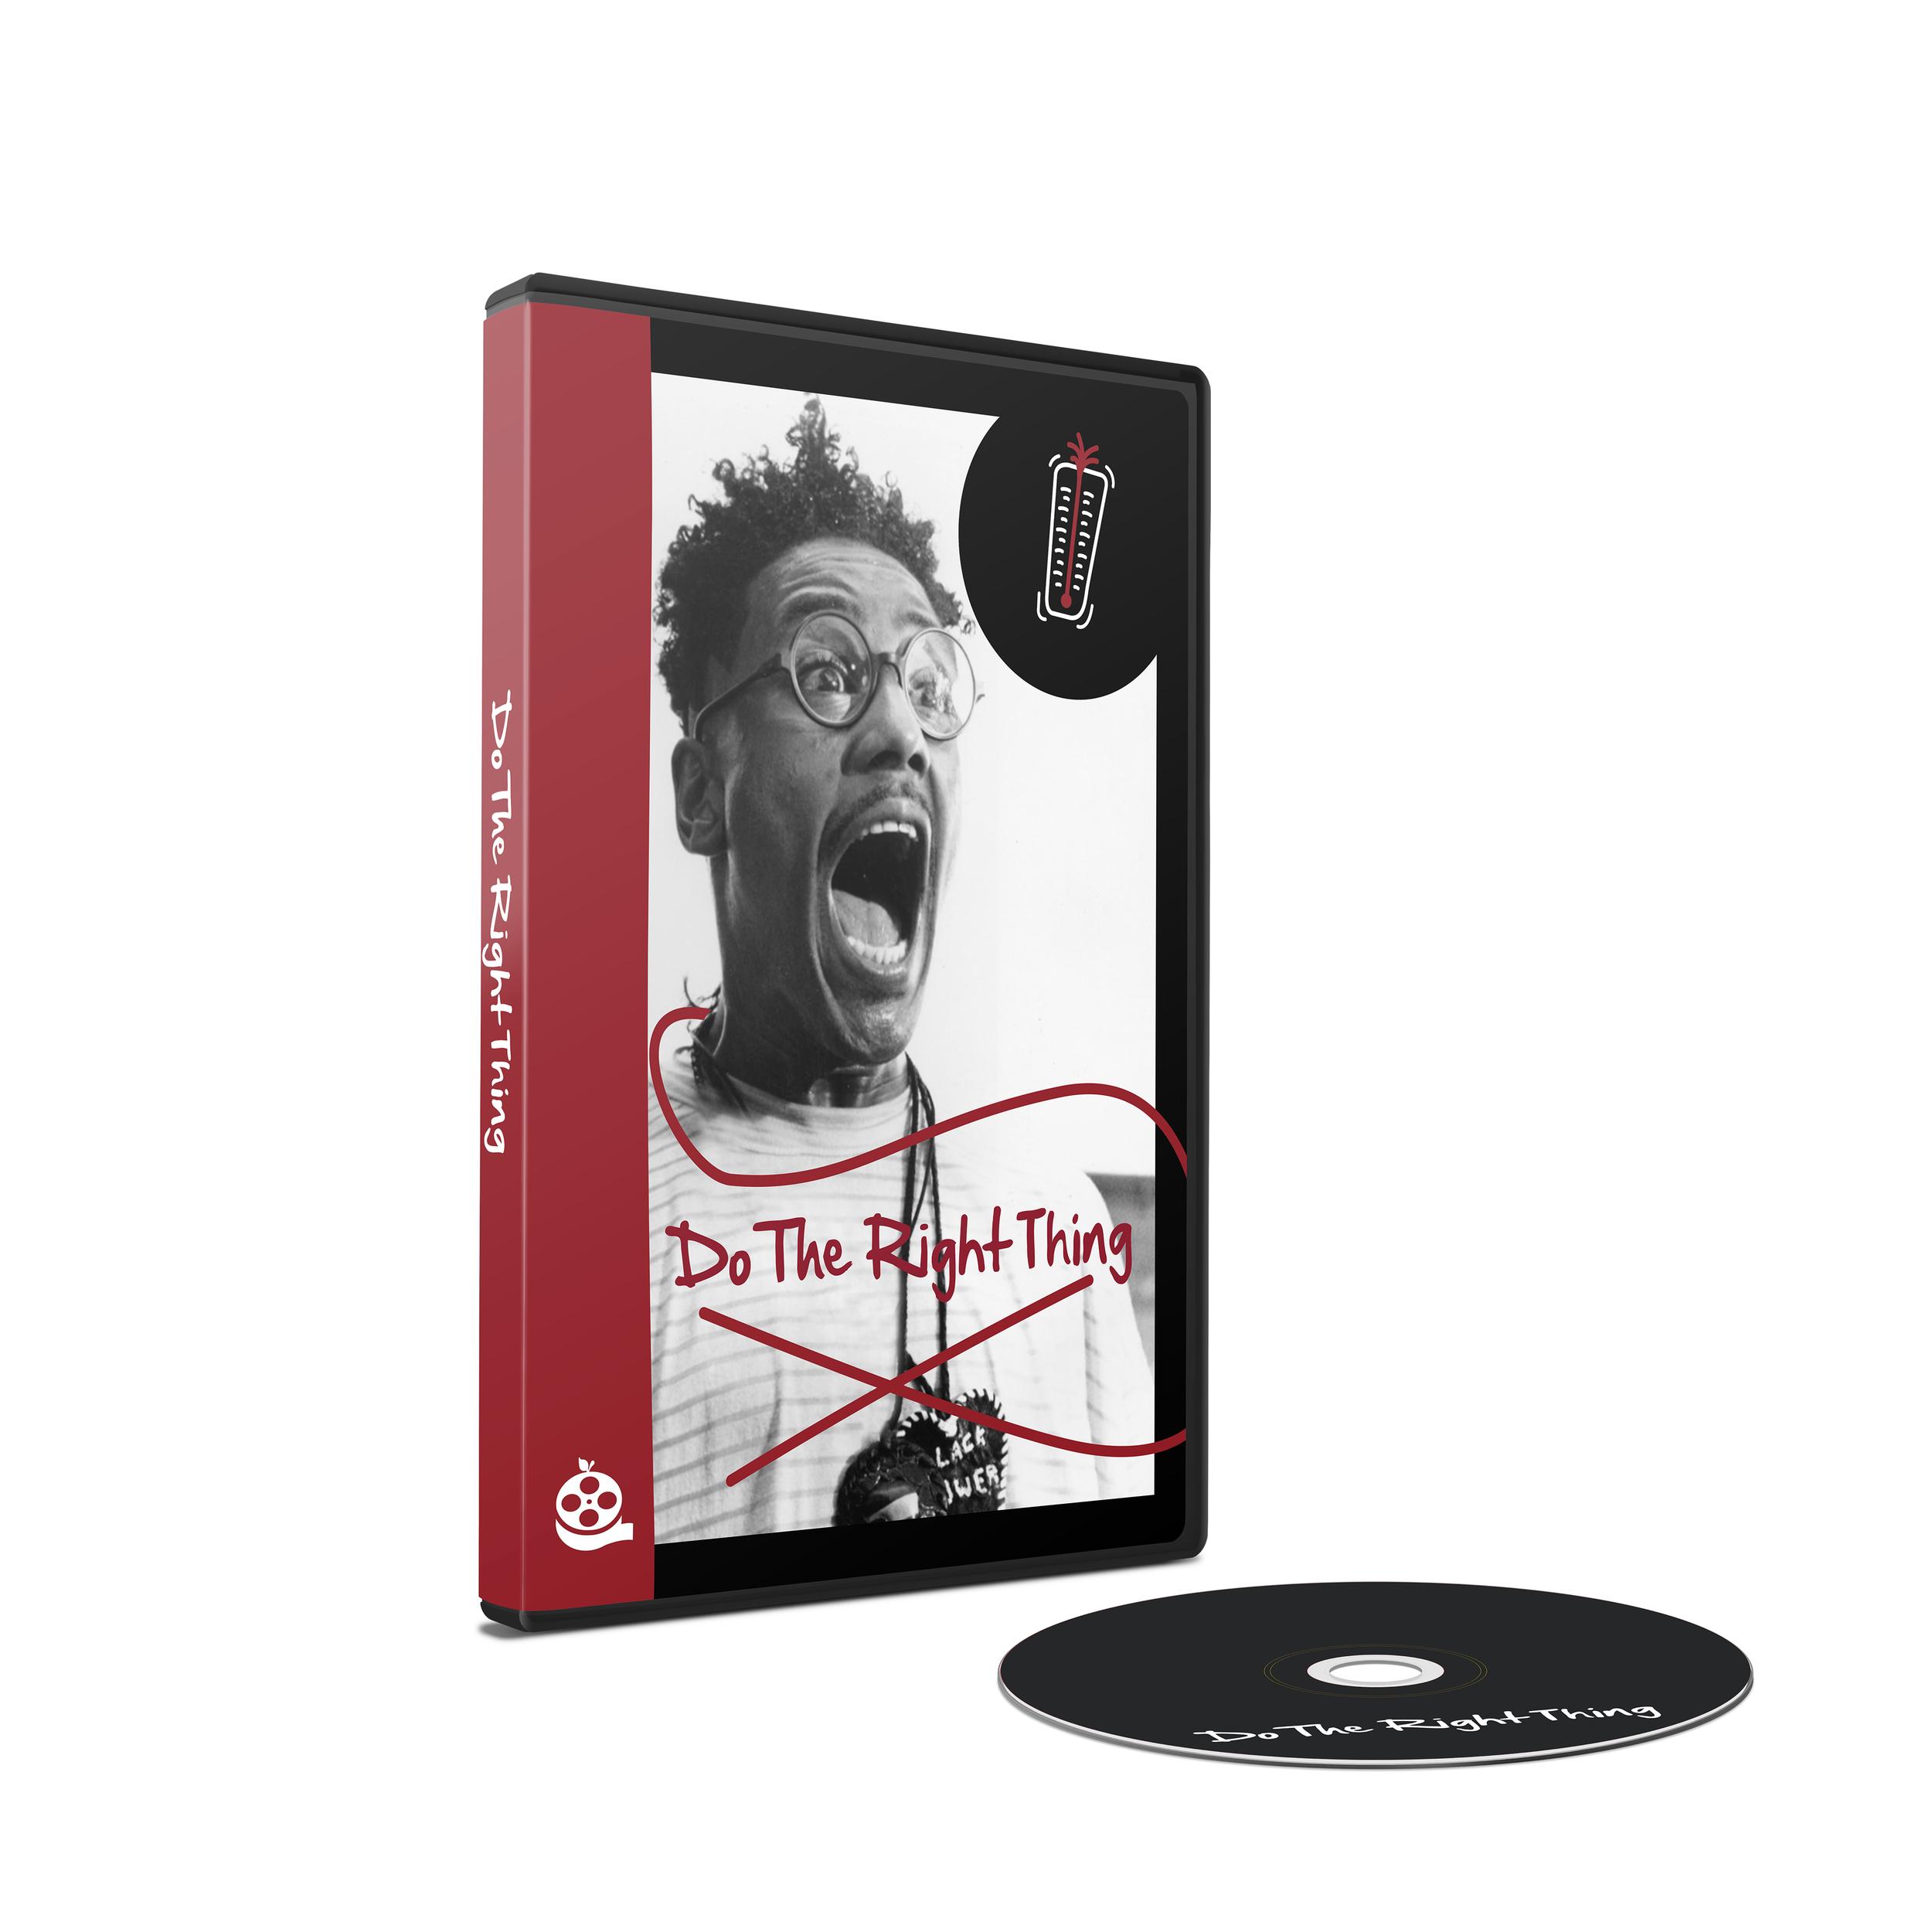 DVD_1.jpg